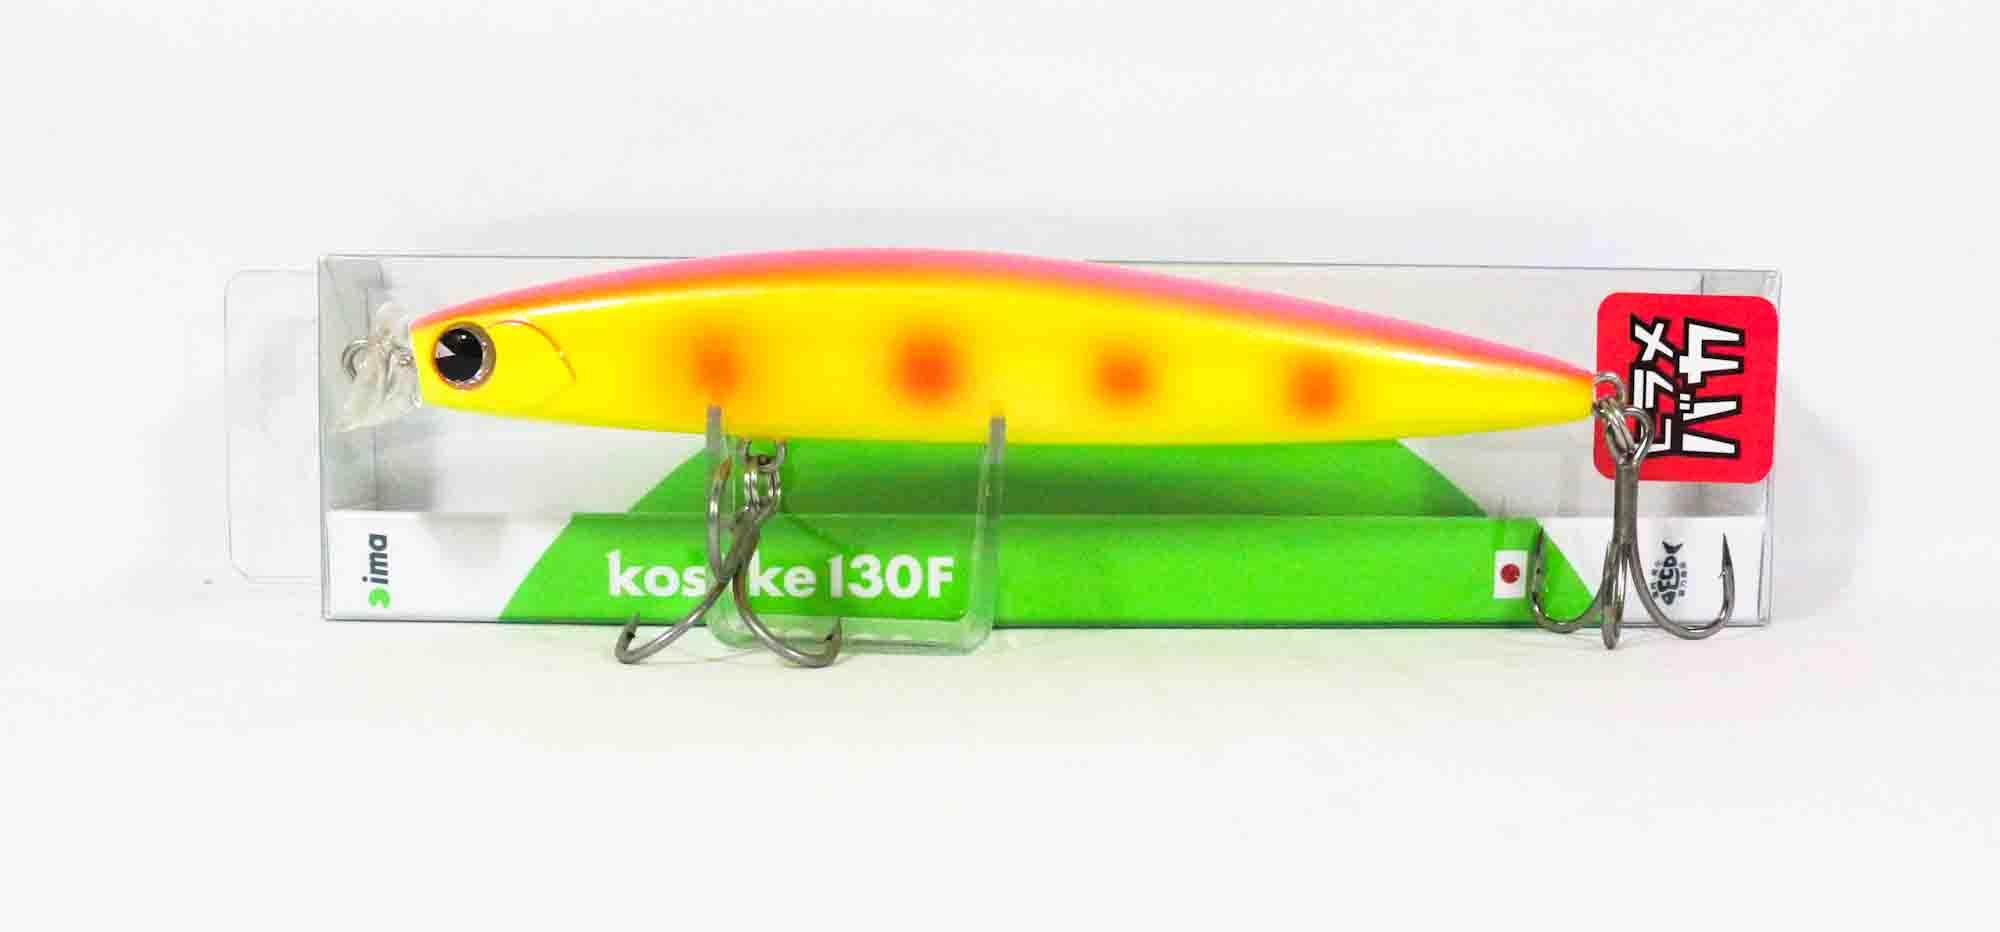 IMA Kosuke 130F #X4904 (26gr)